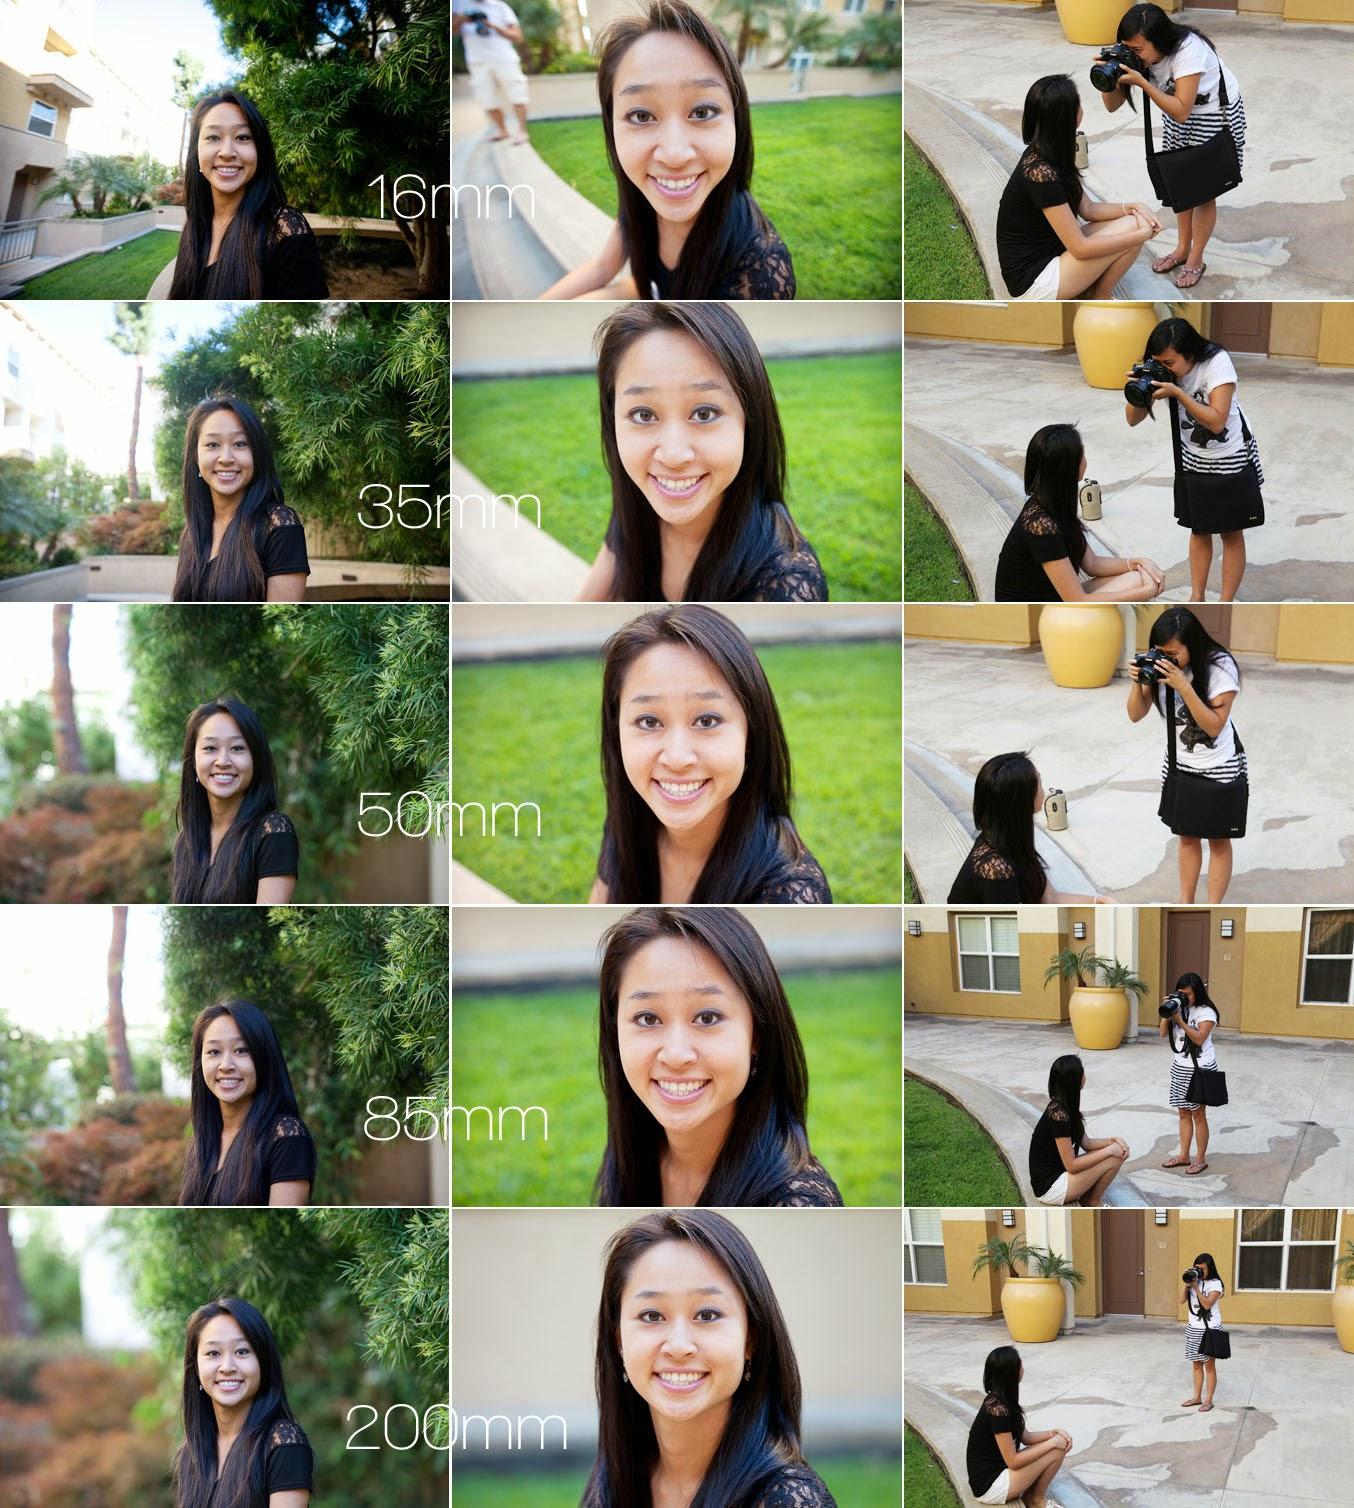 примеры фотографий на аватарку